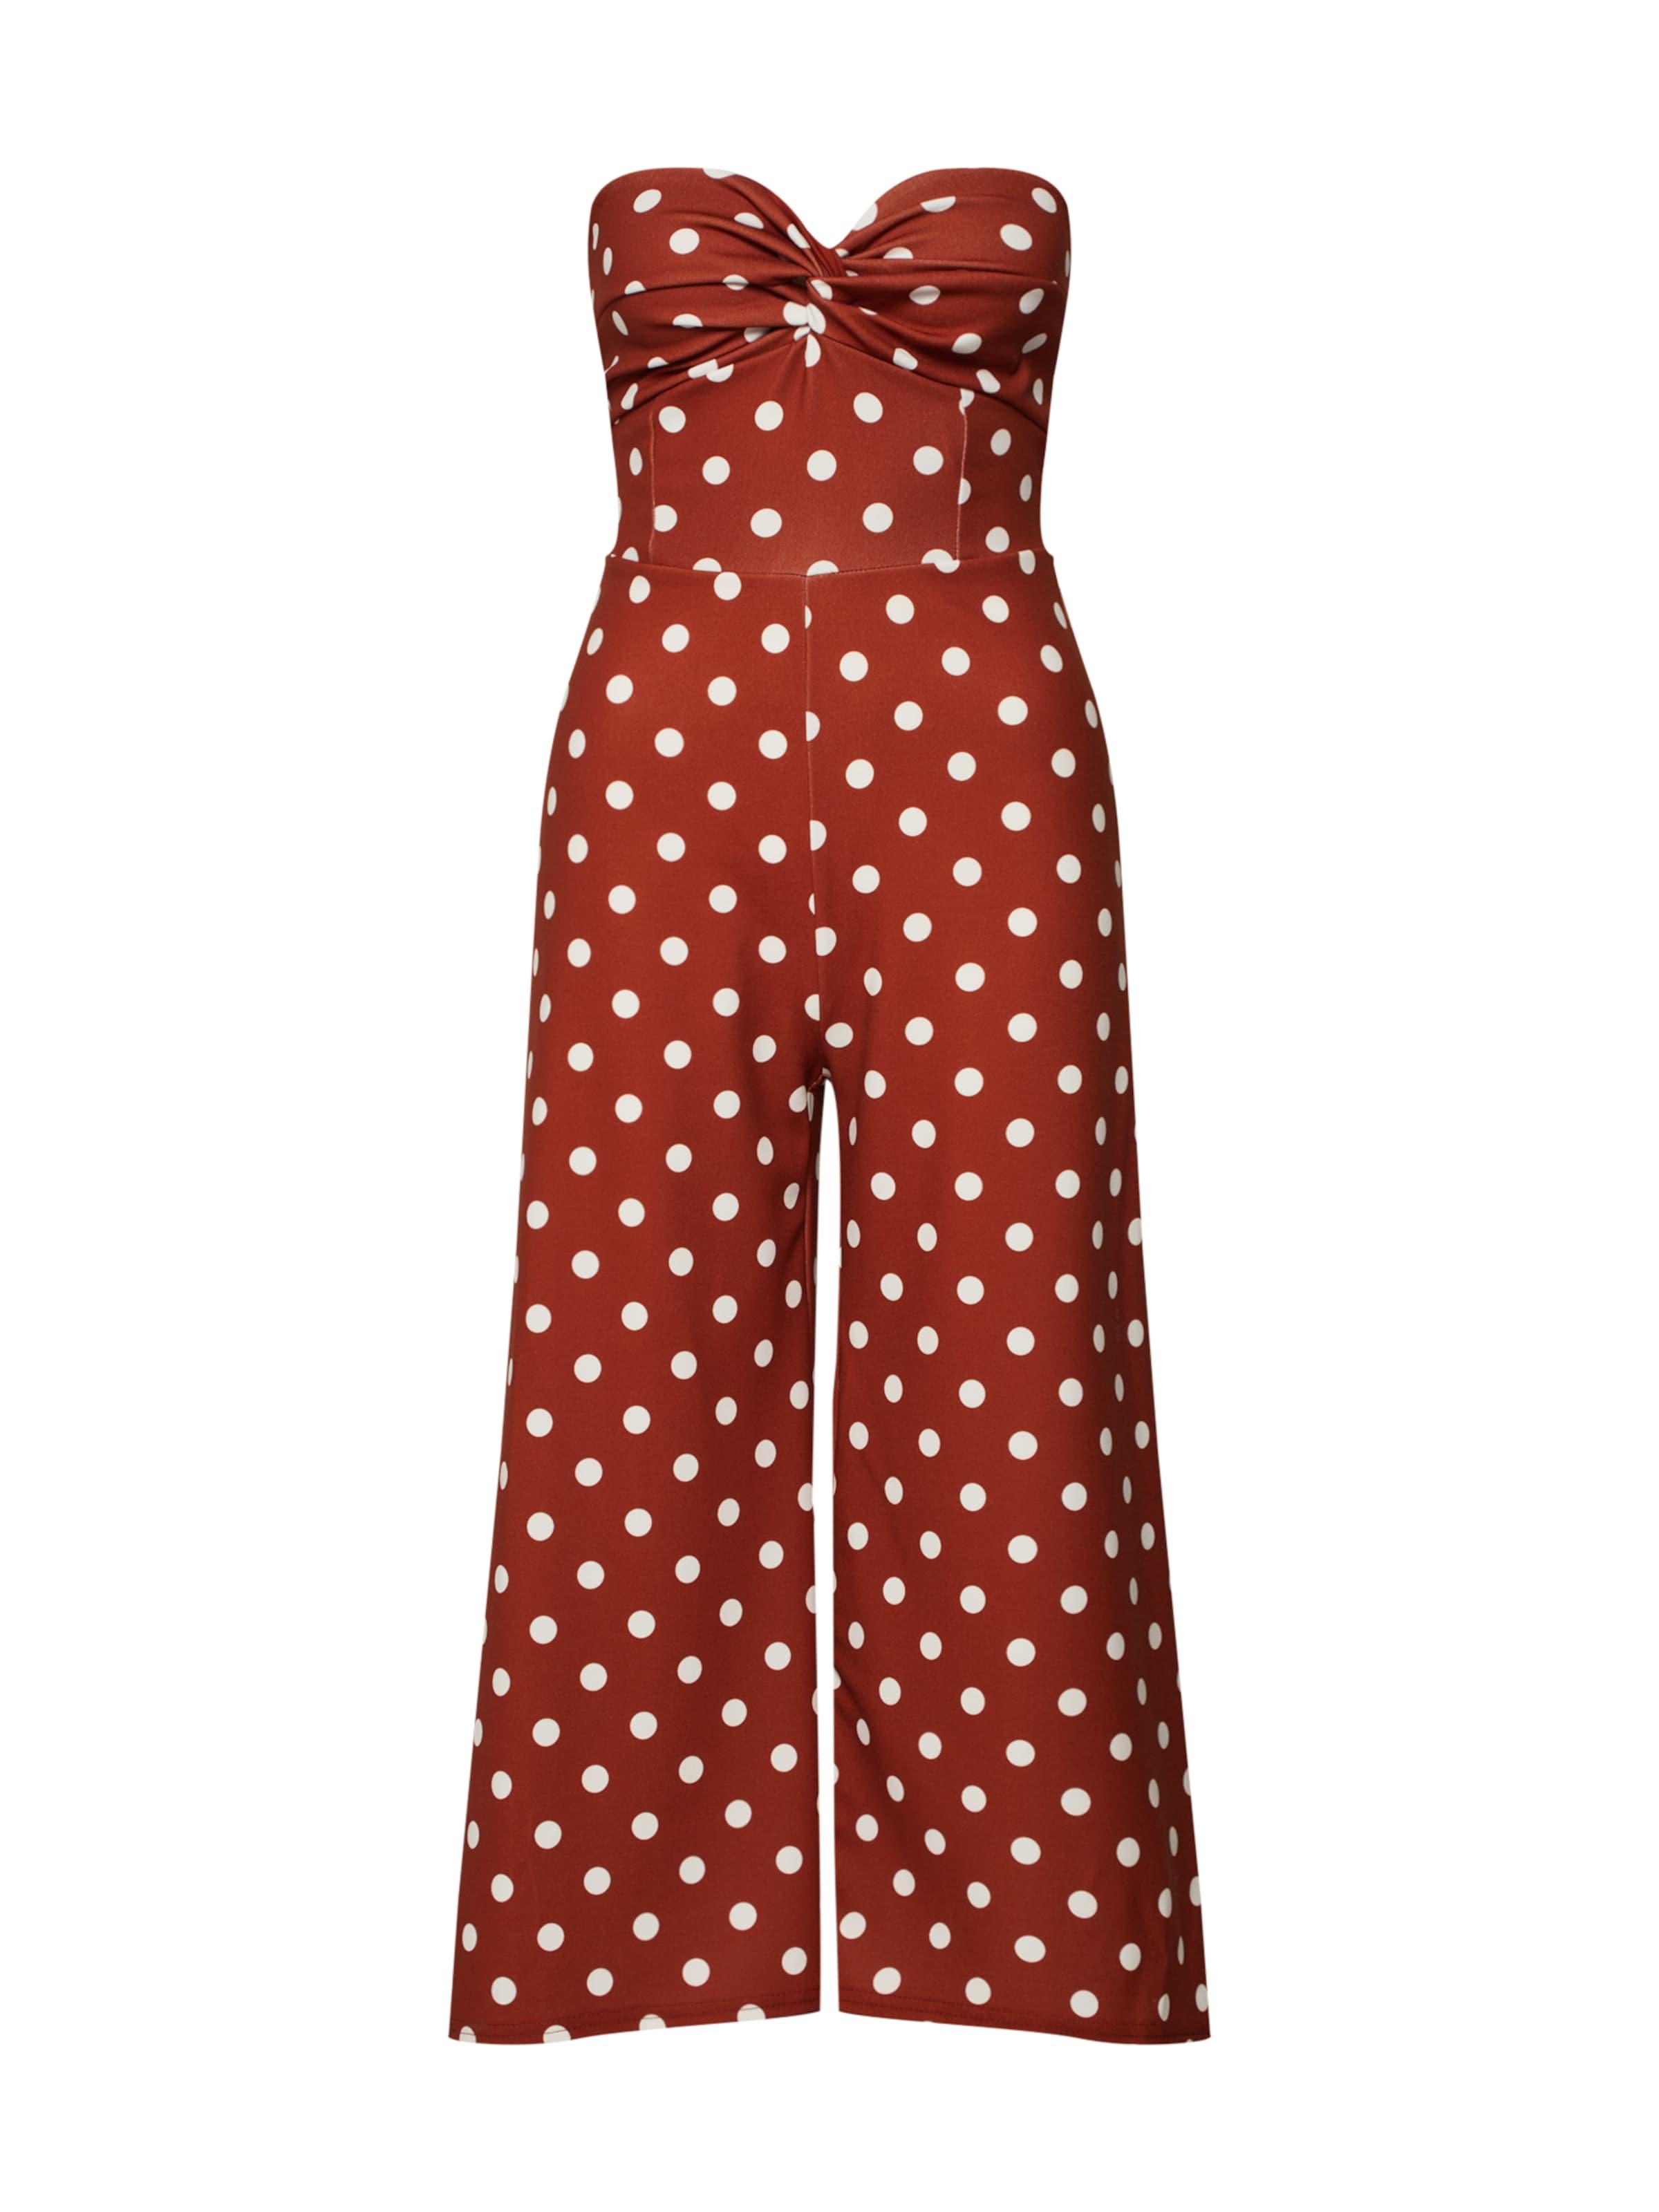 Combinaison Look Jsuit Culotte En Twist Rouge Go Front New '04 Ww P136' Rouille 05 dCoeWQxrB